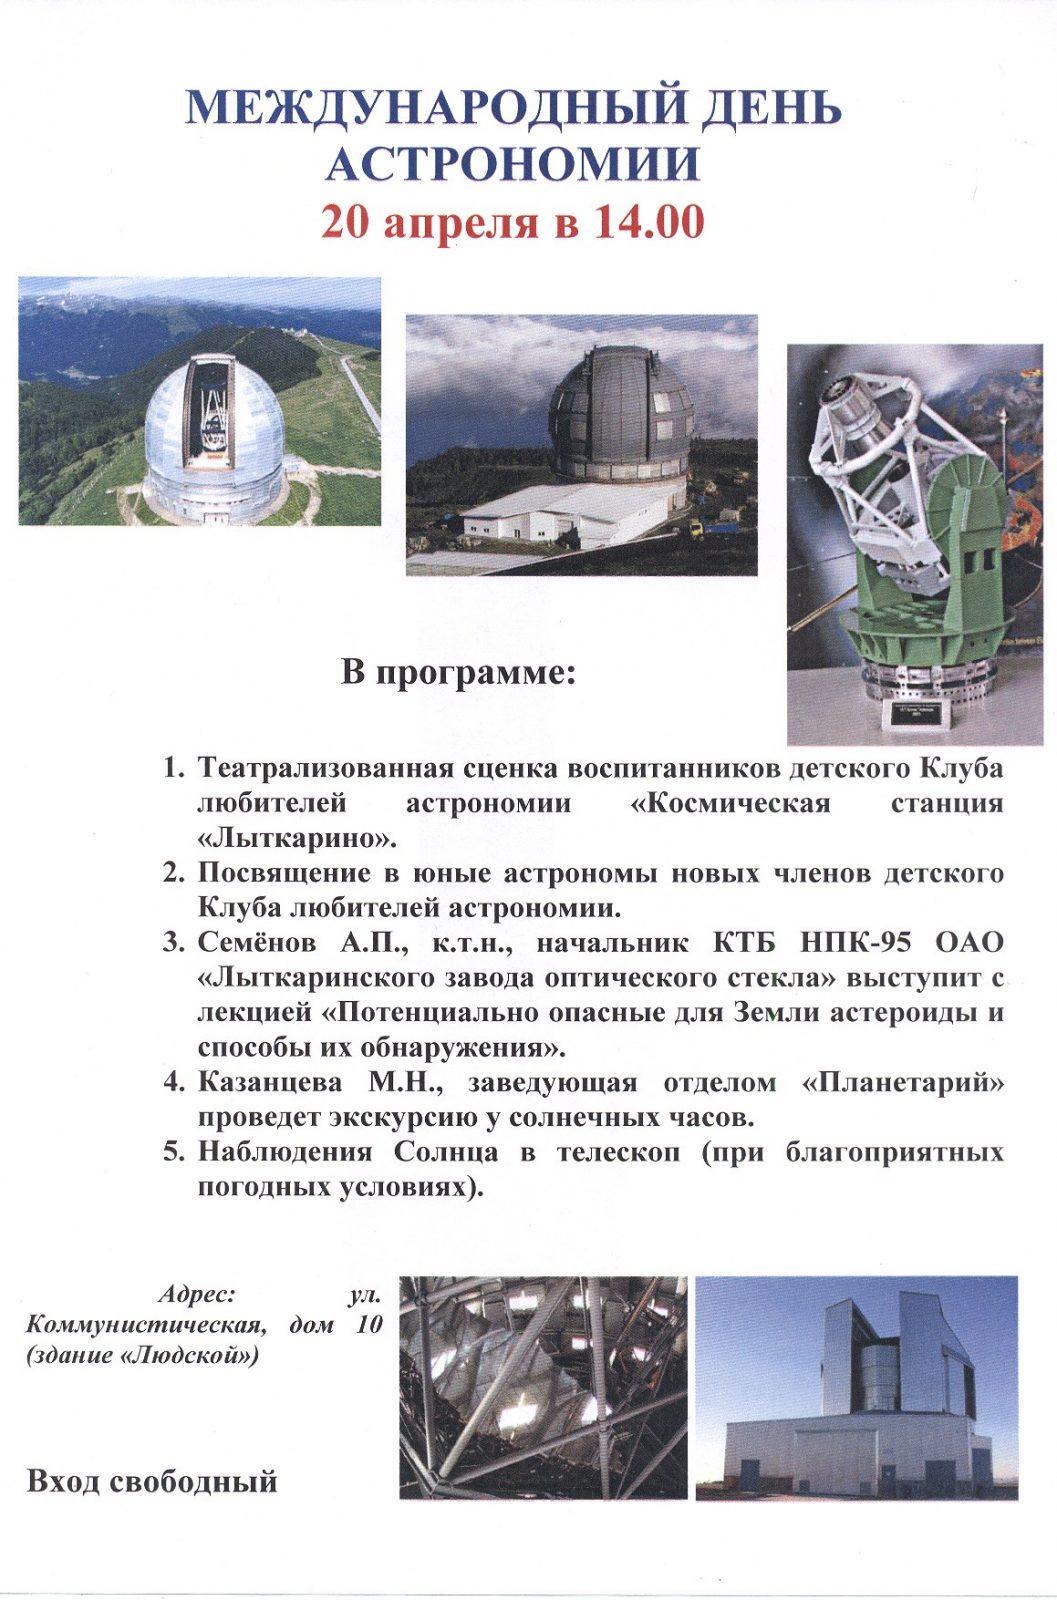 афиша Дня астрономии